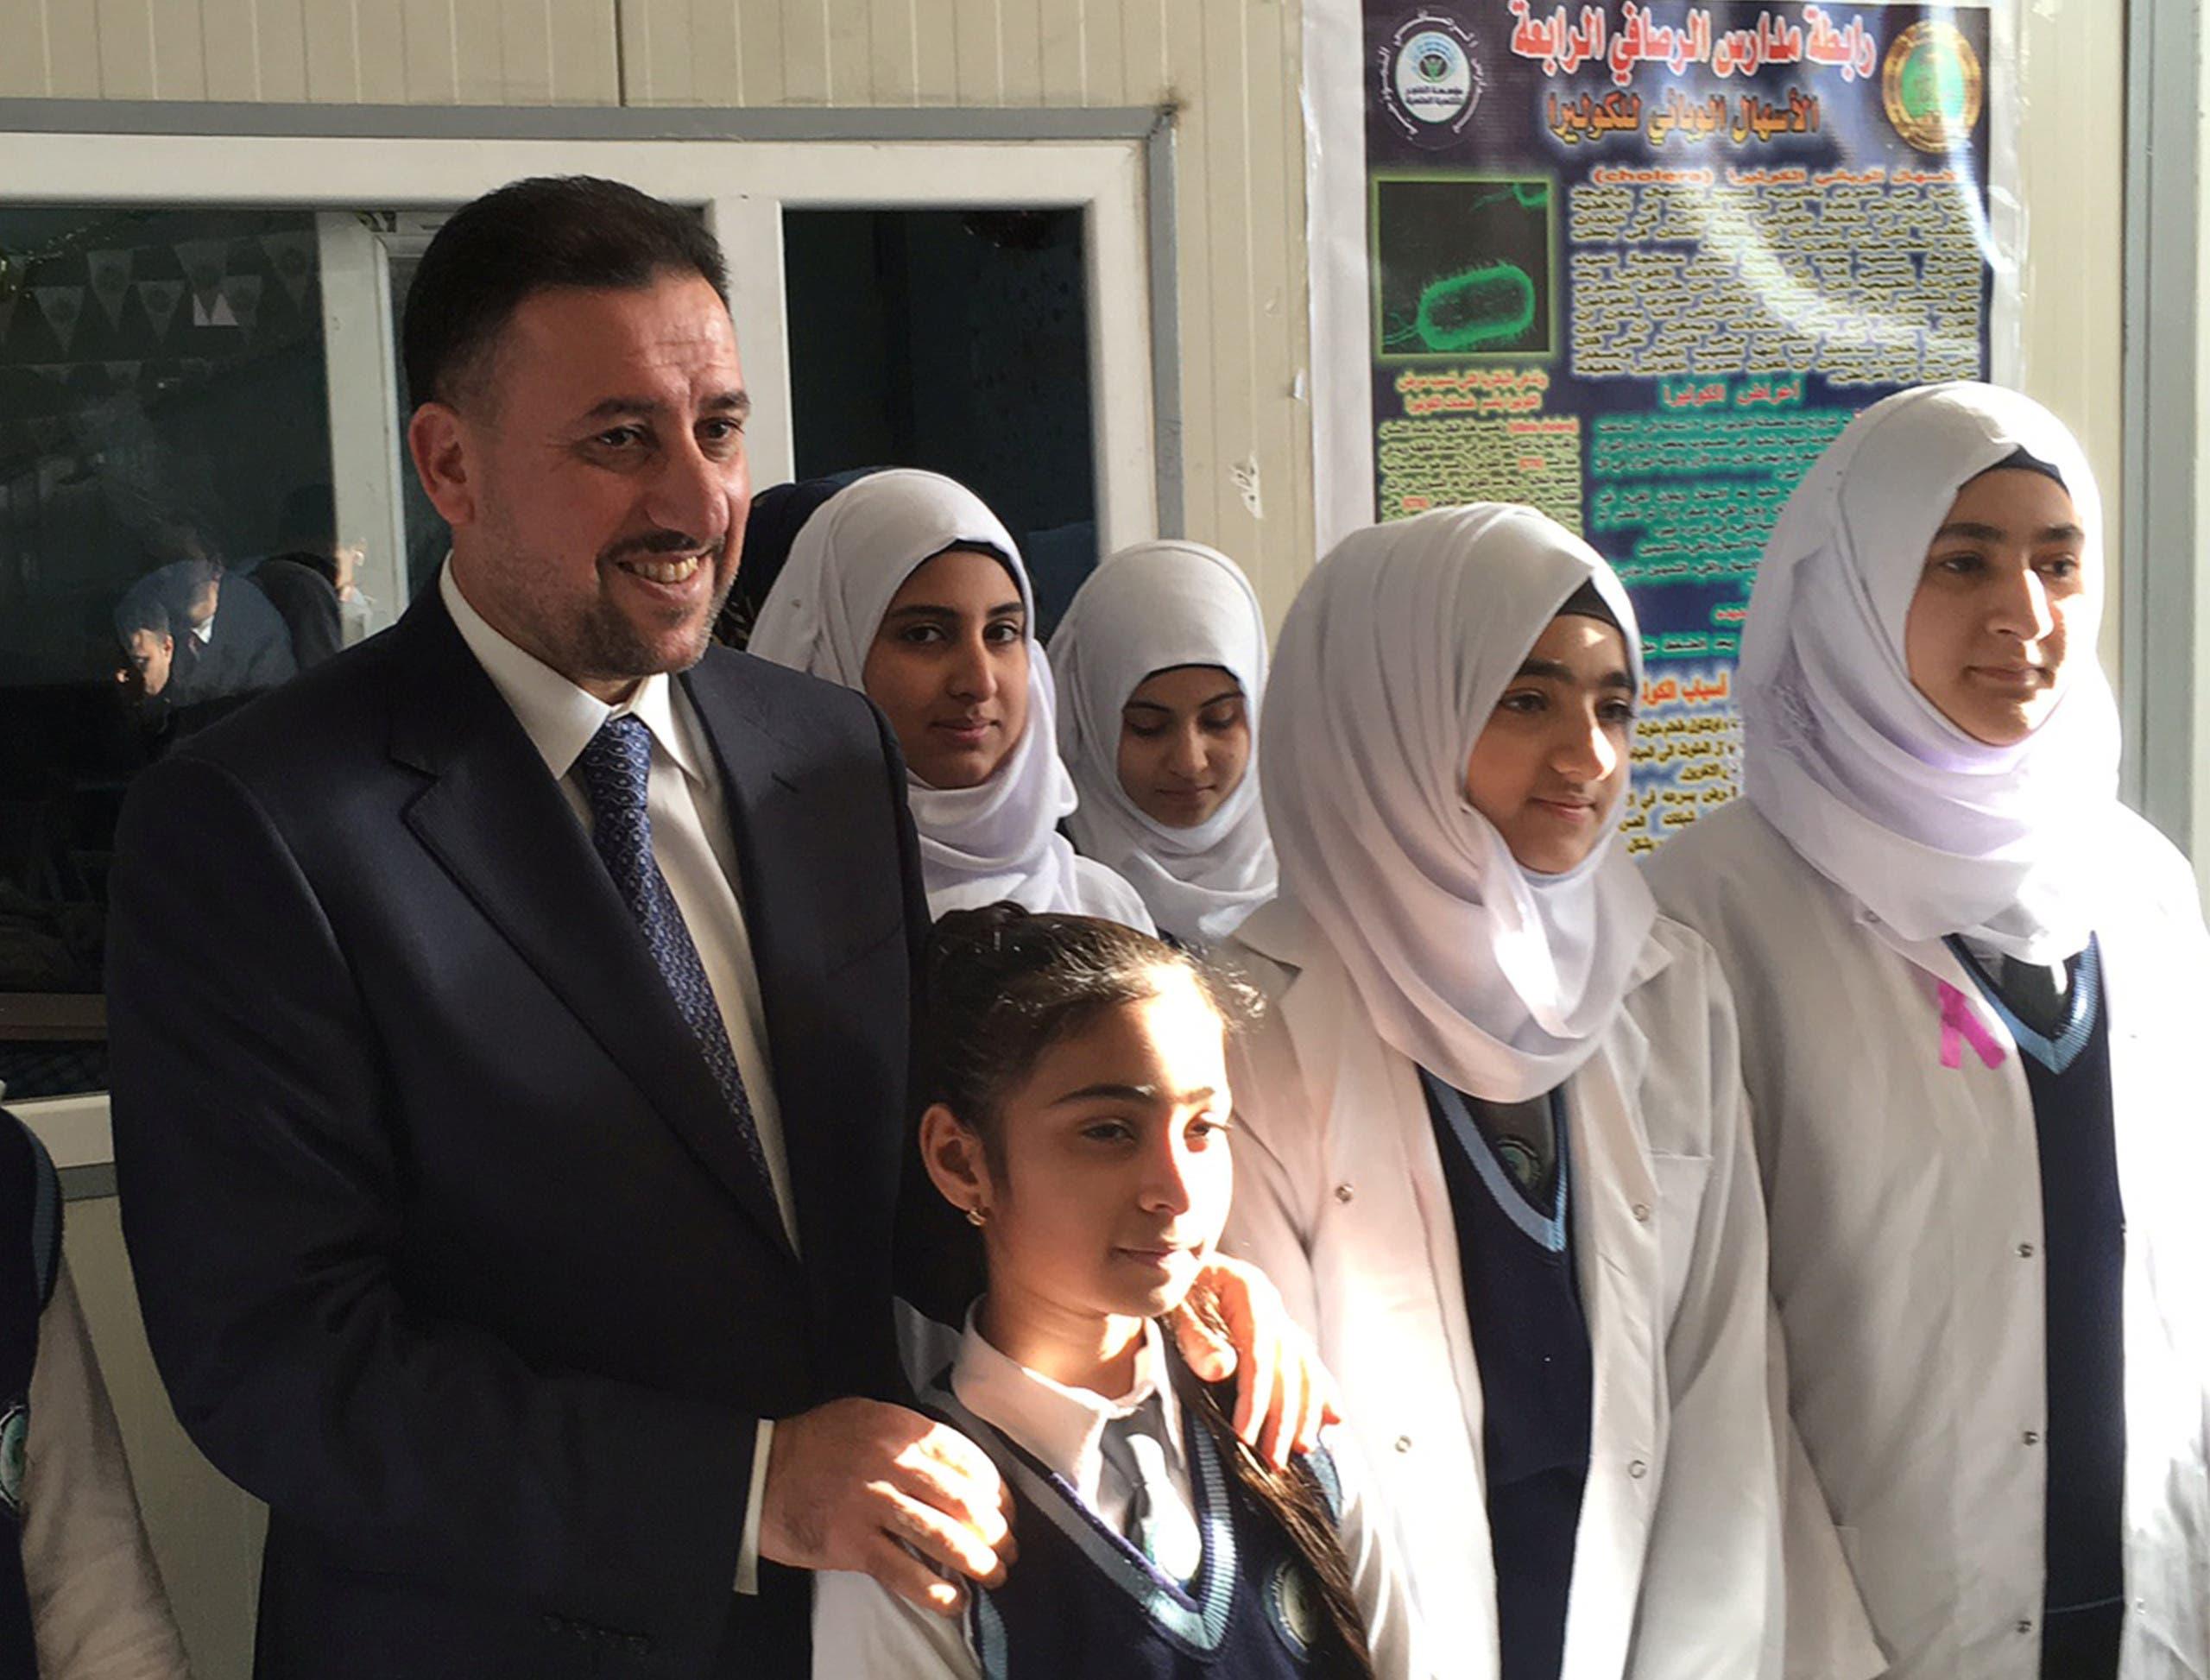 Khamis Khanjar, (L) a Sunni multimillionaire, visits displaced Sunni Iraqis at a school he funds in Iraqi Kurdistan, Iraq, February 16, 2016.